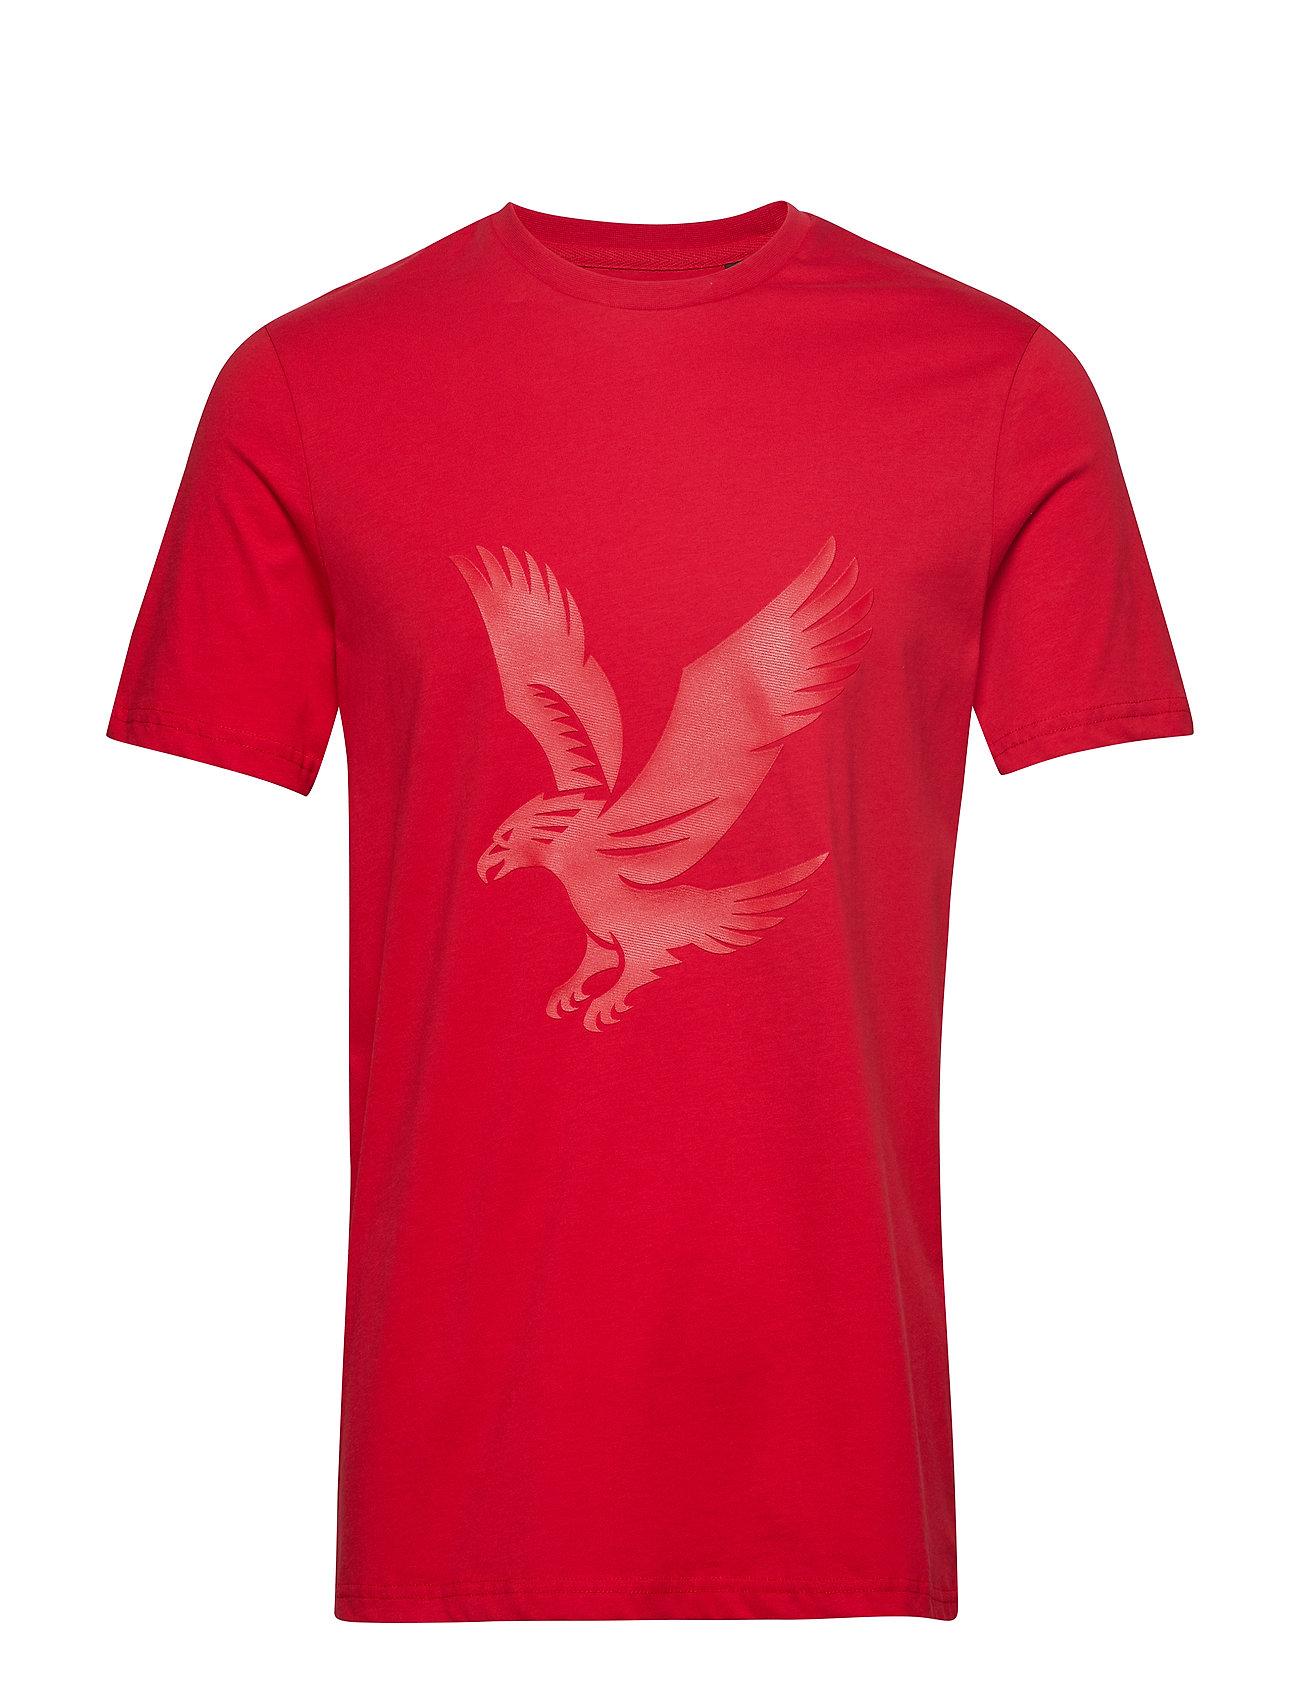 Lyle & Scott Logo T-shirt - DARK RED